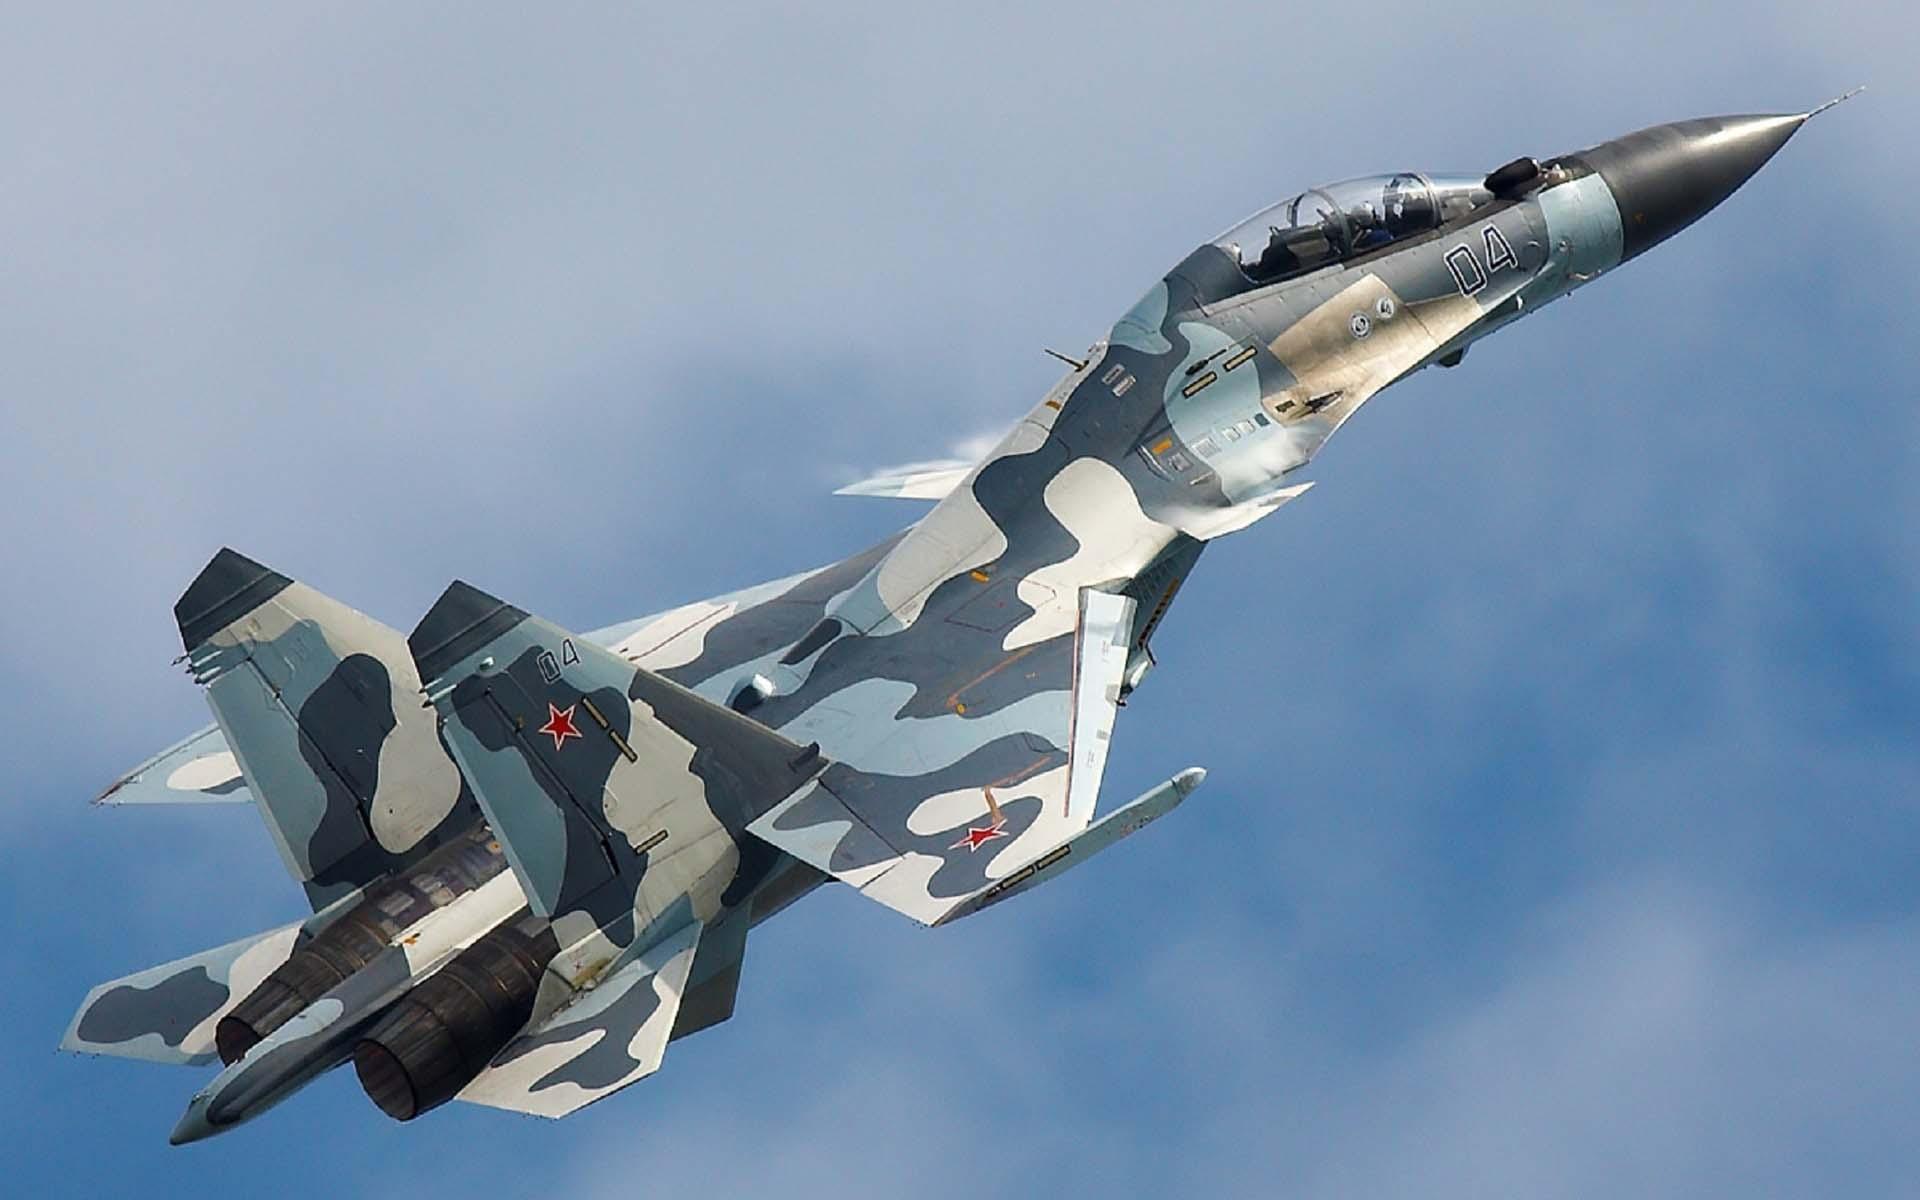 Hình ảnh đẹp máy bay chiến đấu của Nga